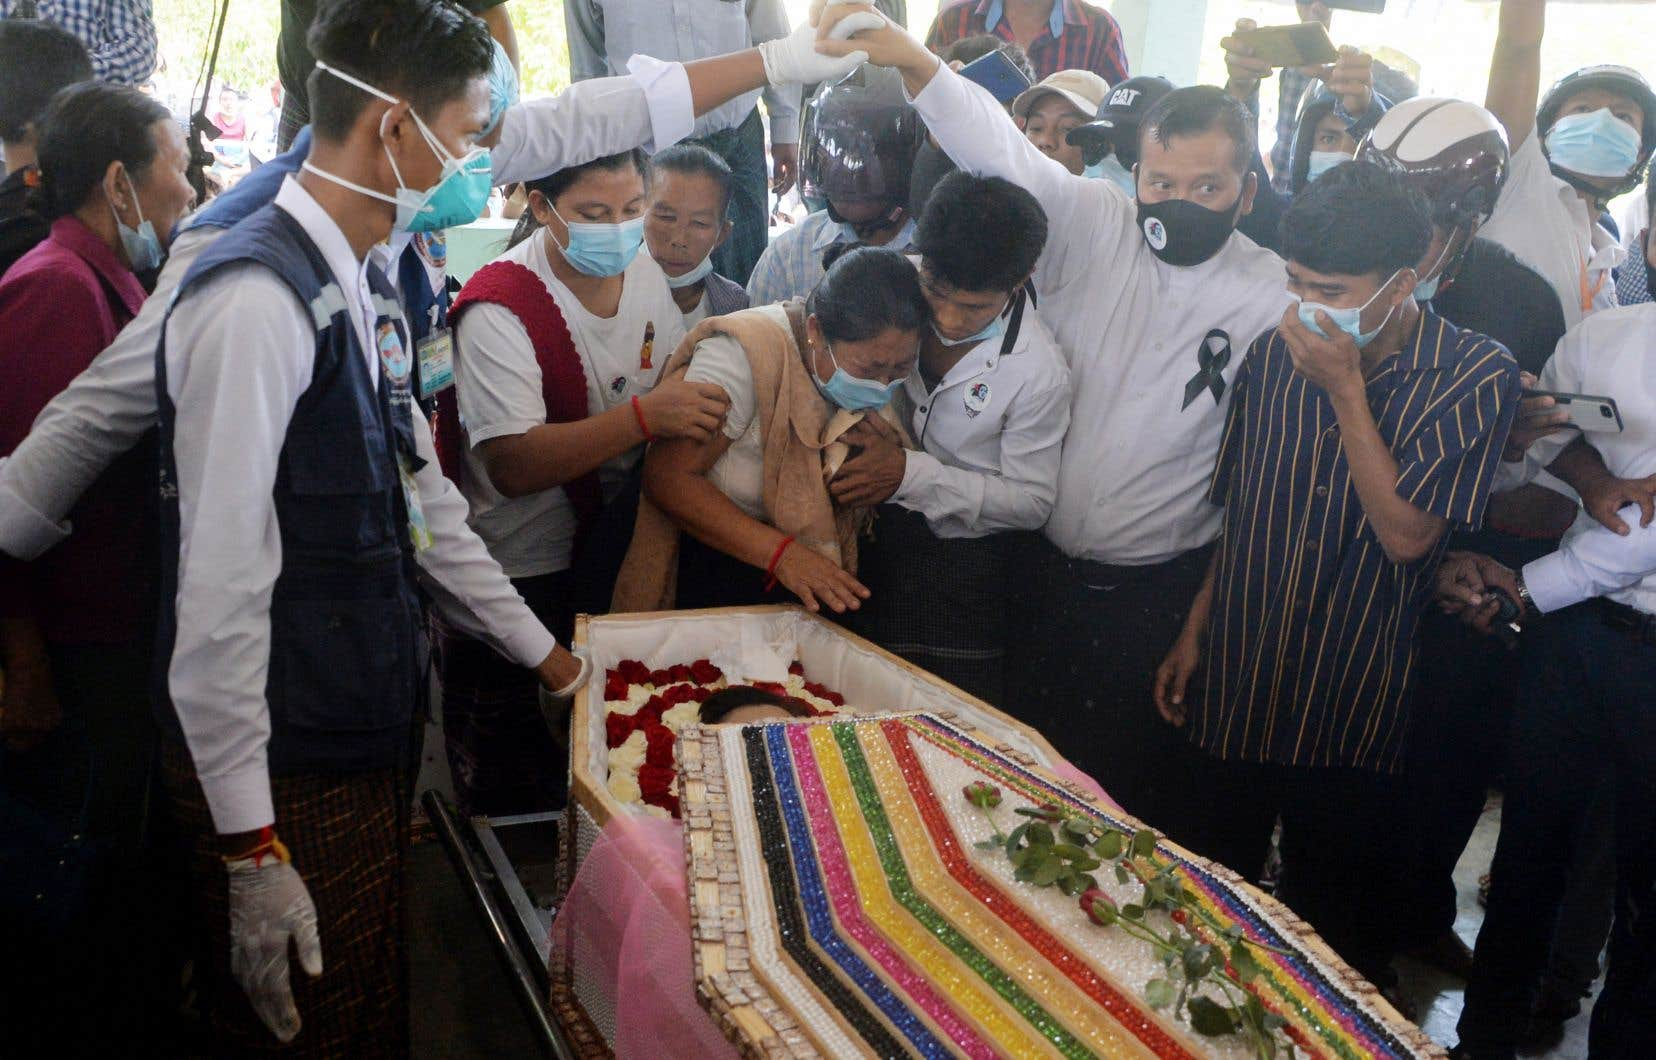 La mère de Mya Thwate Thwate Khaing, Daw Myint Kyi (au centre), pleurait la mort de sa fille lors de ses funérailles dimanche, en périphérie de la ville de Naypyidaw, au Myanmar. Plusieurs milliers de personnes ont assisté à la cérémonie.